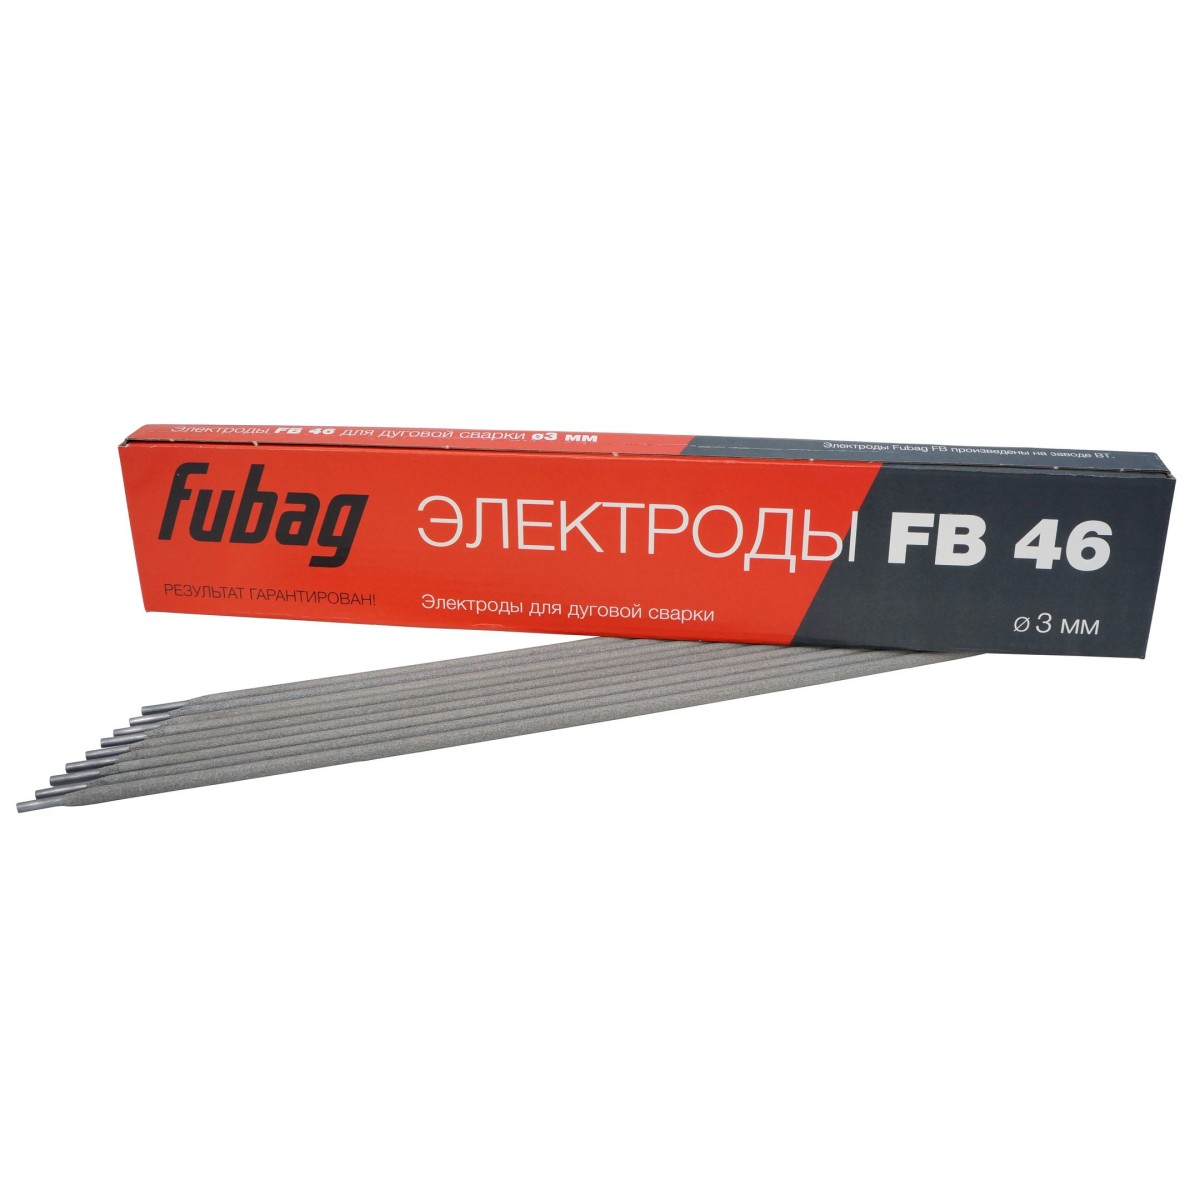 Электрод сварочный с рутилово-целлюлозным покрытием FB 46 D 3.0 мм пачка 0.9 кг